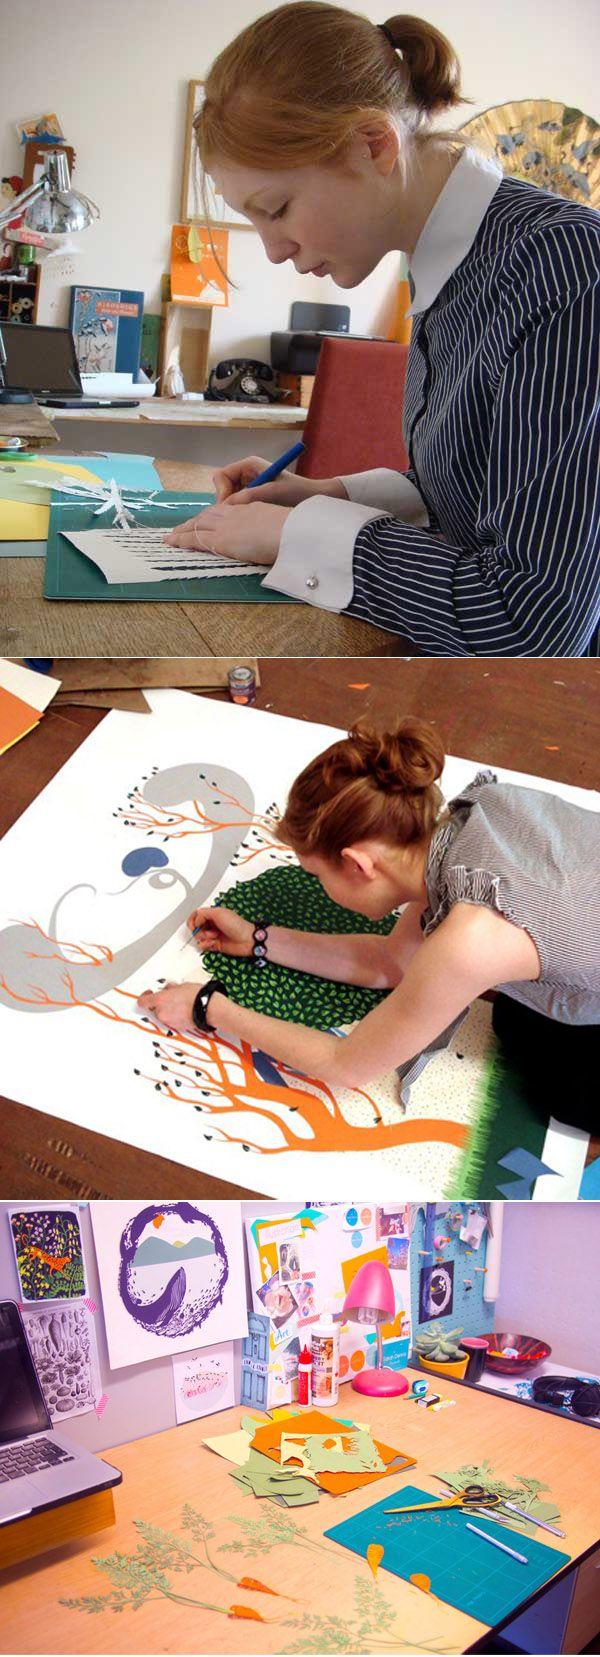 Sarah Dennis, Papercut artist, at work     http://sarah-dennis.co.uk/